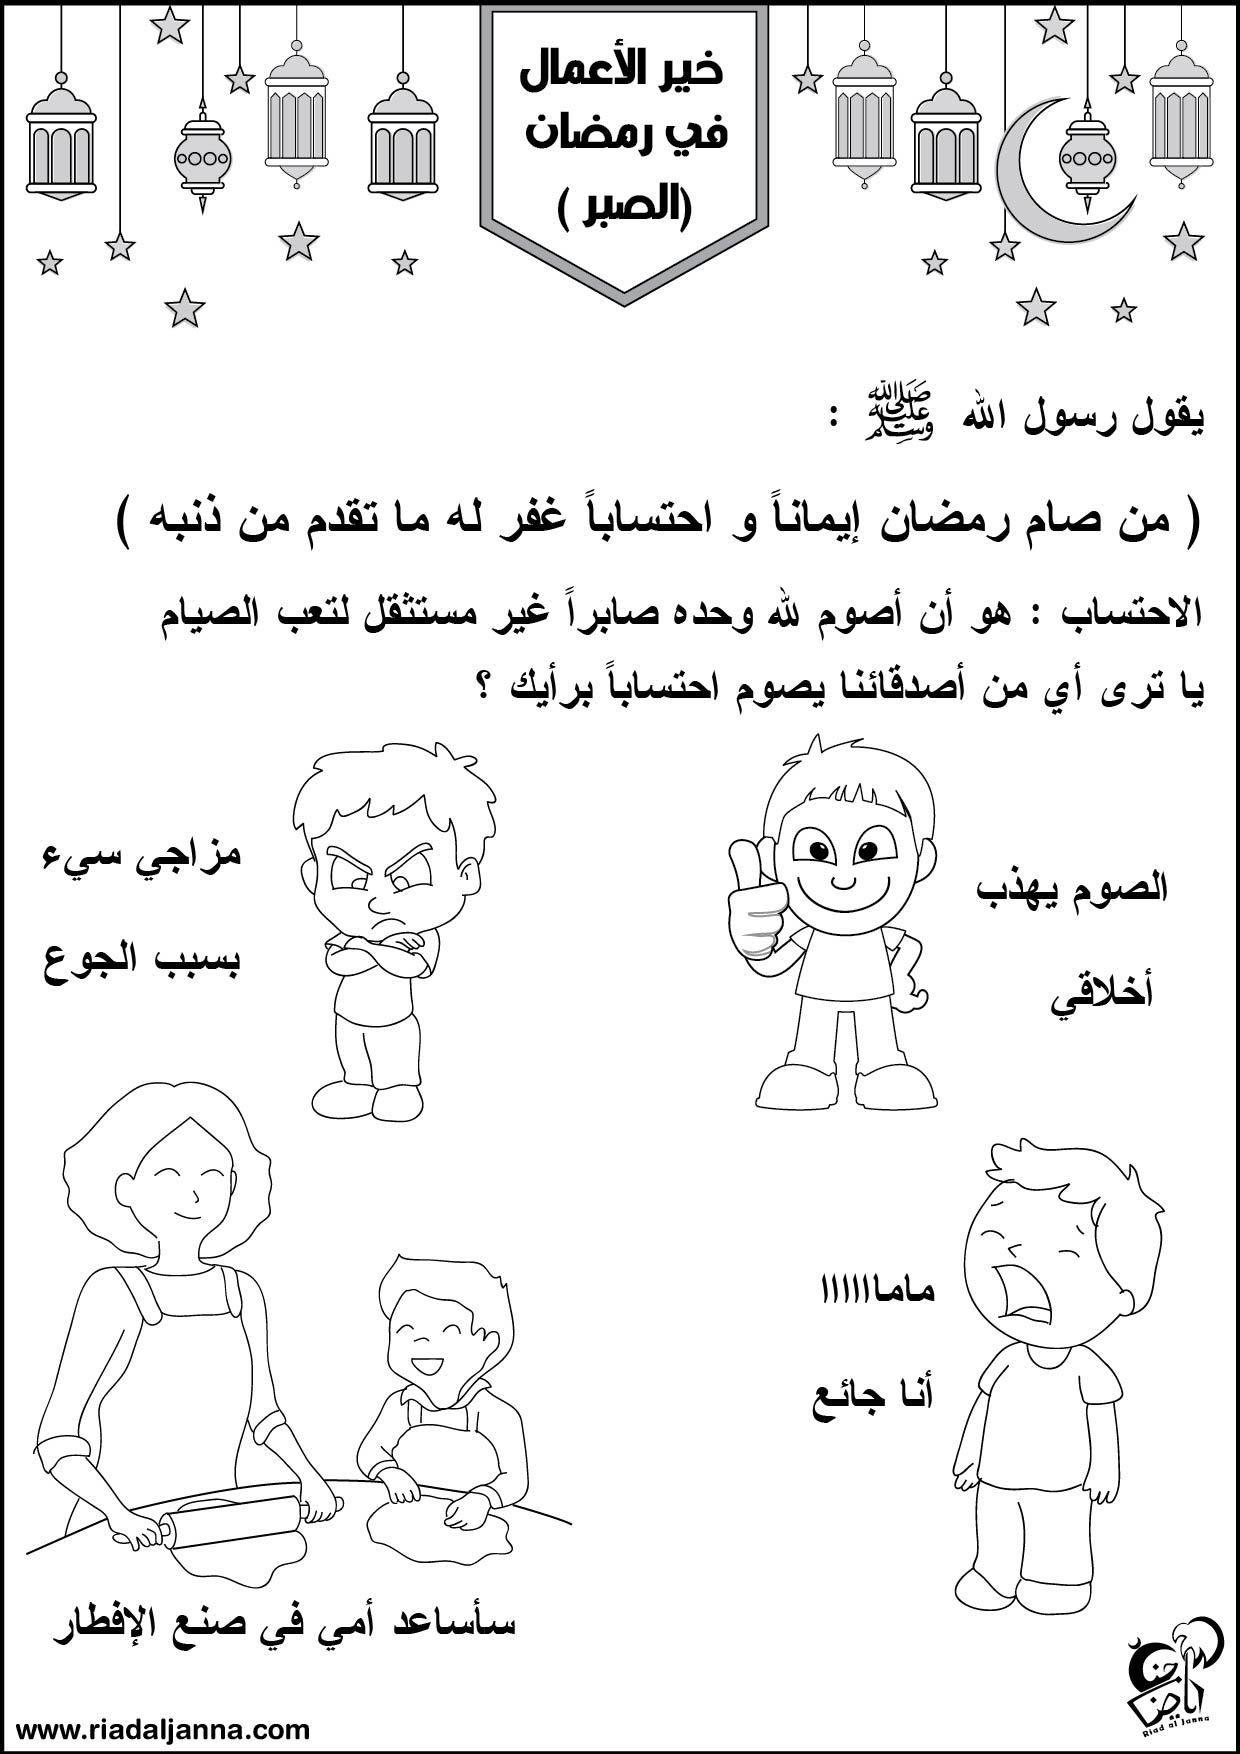 15 ورقة عمل ممتعة عن خير الأعمال في رمضان للأطفال حديث شريف مرفق بصور للتلوين و أسئلة للتفكير جاهزة ل Islamic Kids Activities Islam For Kids Ramadan Kids